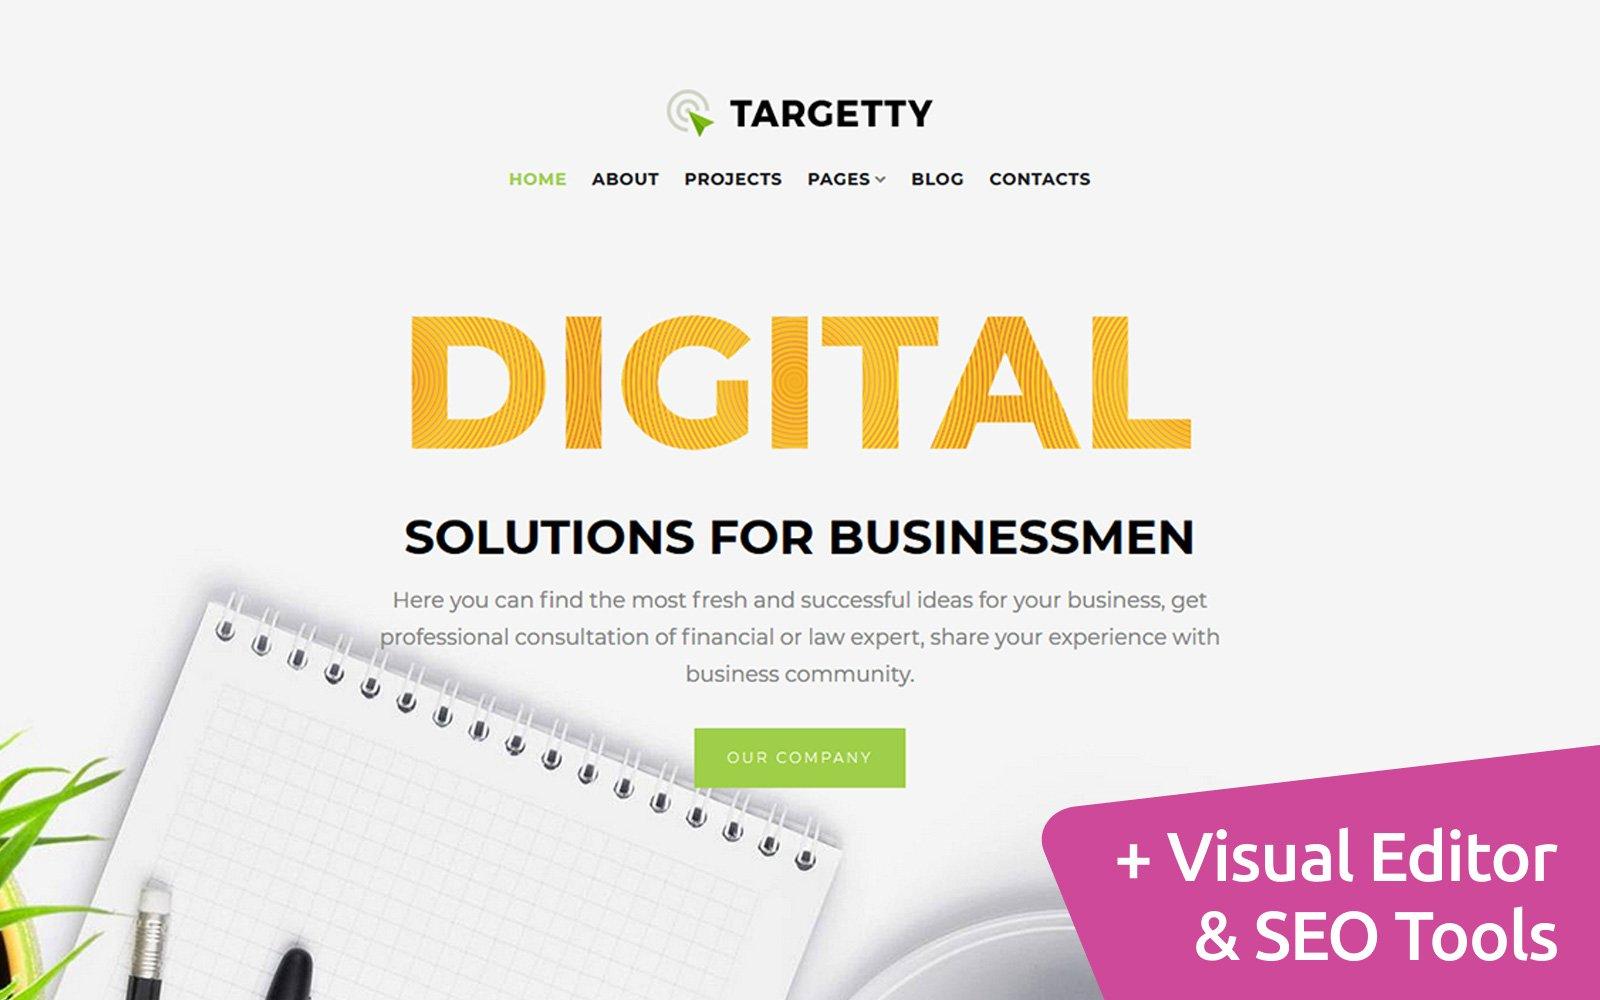 Targetty - Fancy Advertising Agency №122667